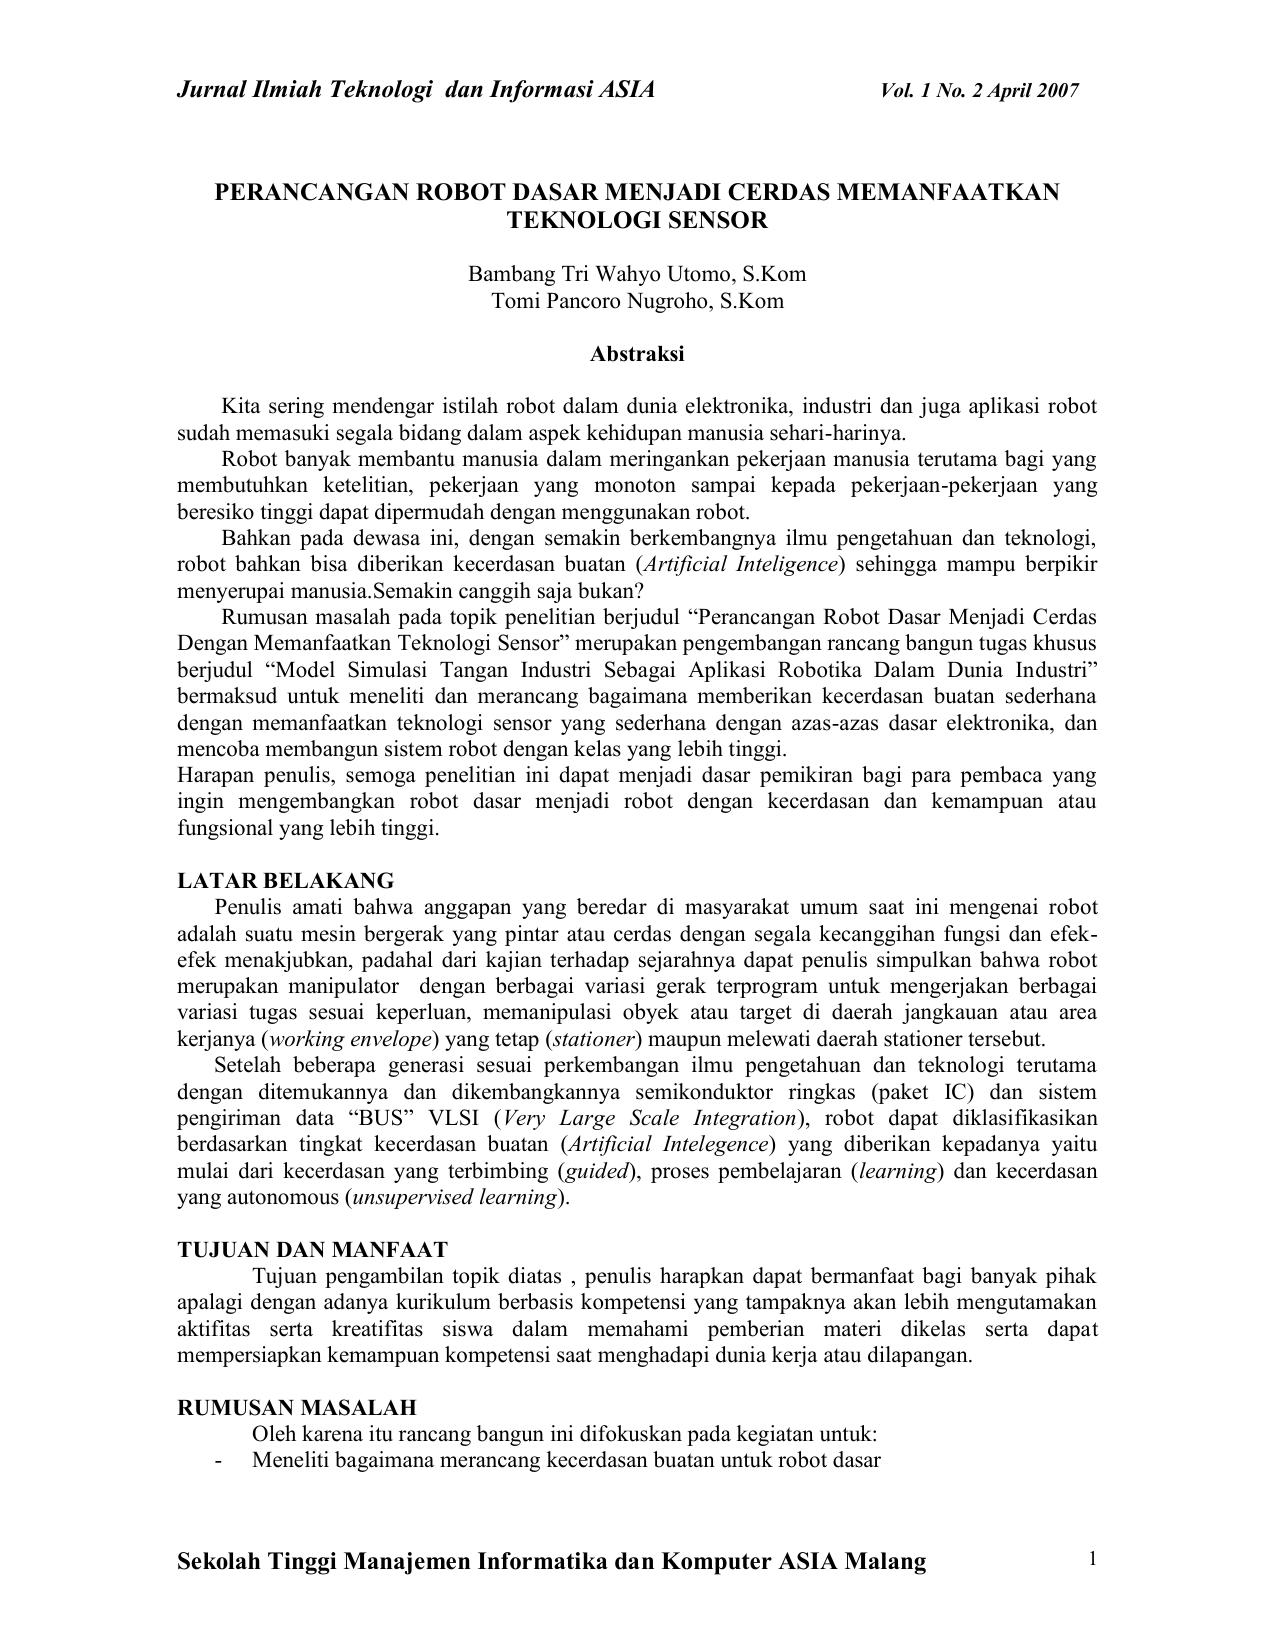 BAB I - Jurnal Ilmiah Teknologi Informasi Asia